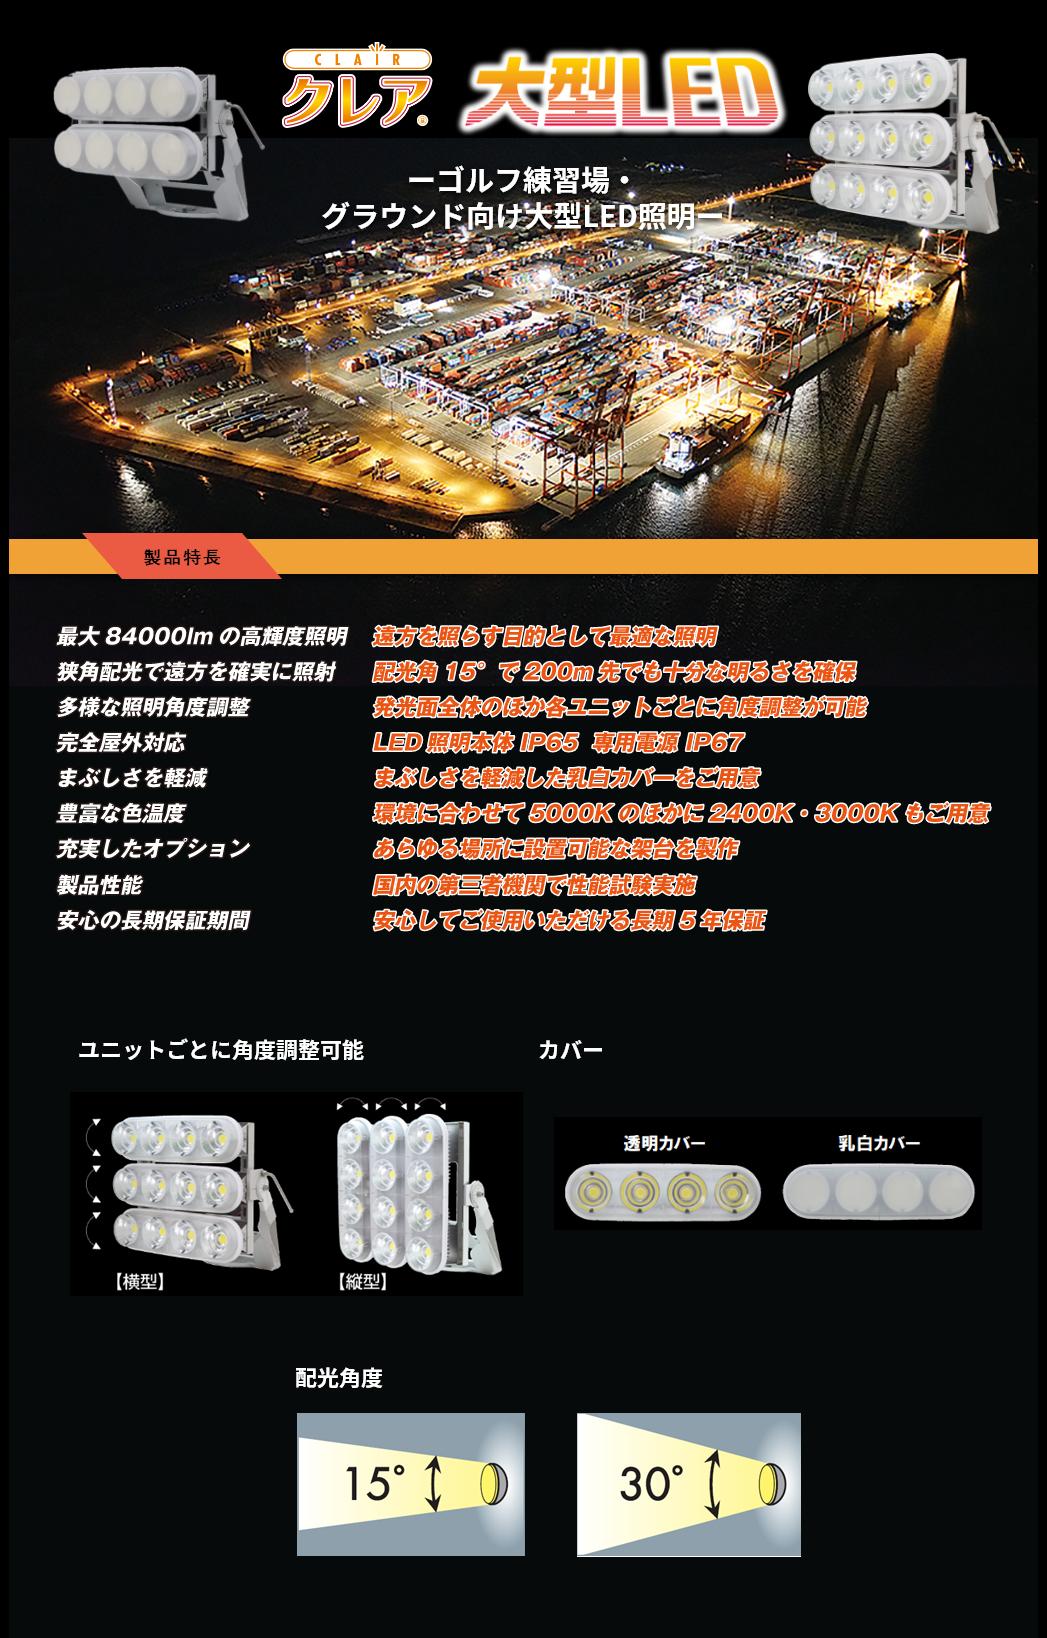 クレア 大型LEDの特長